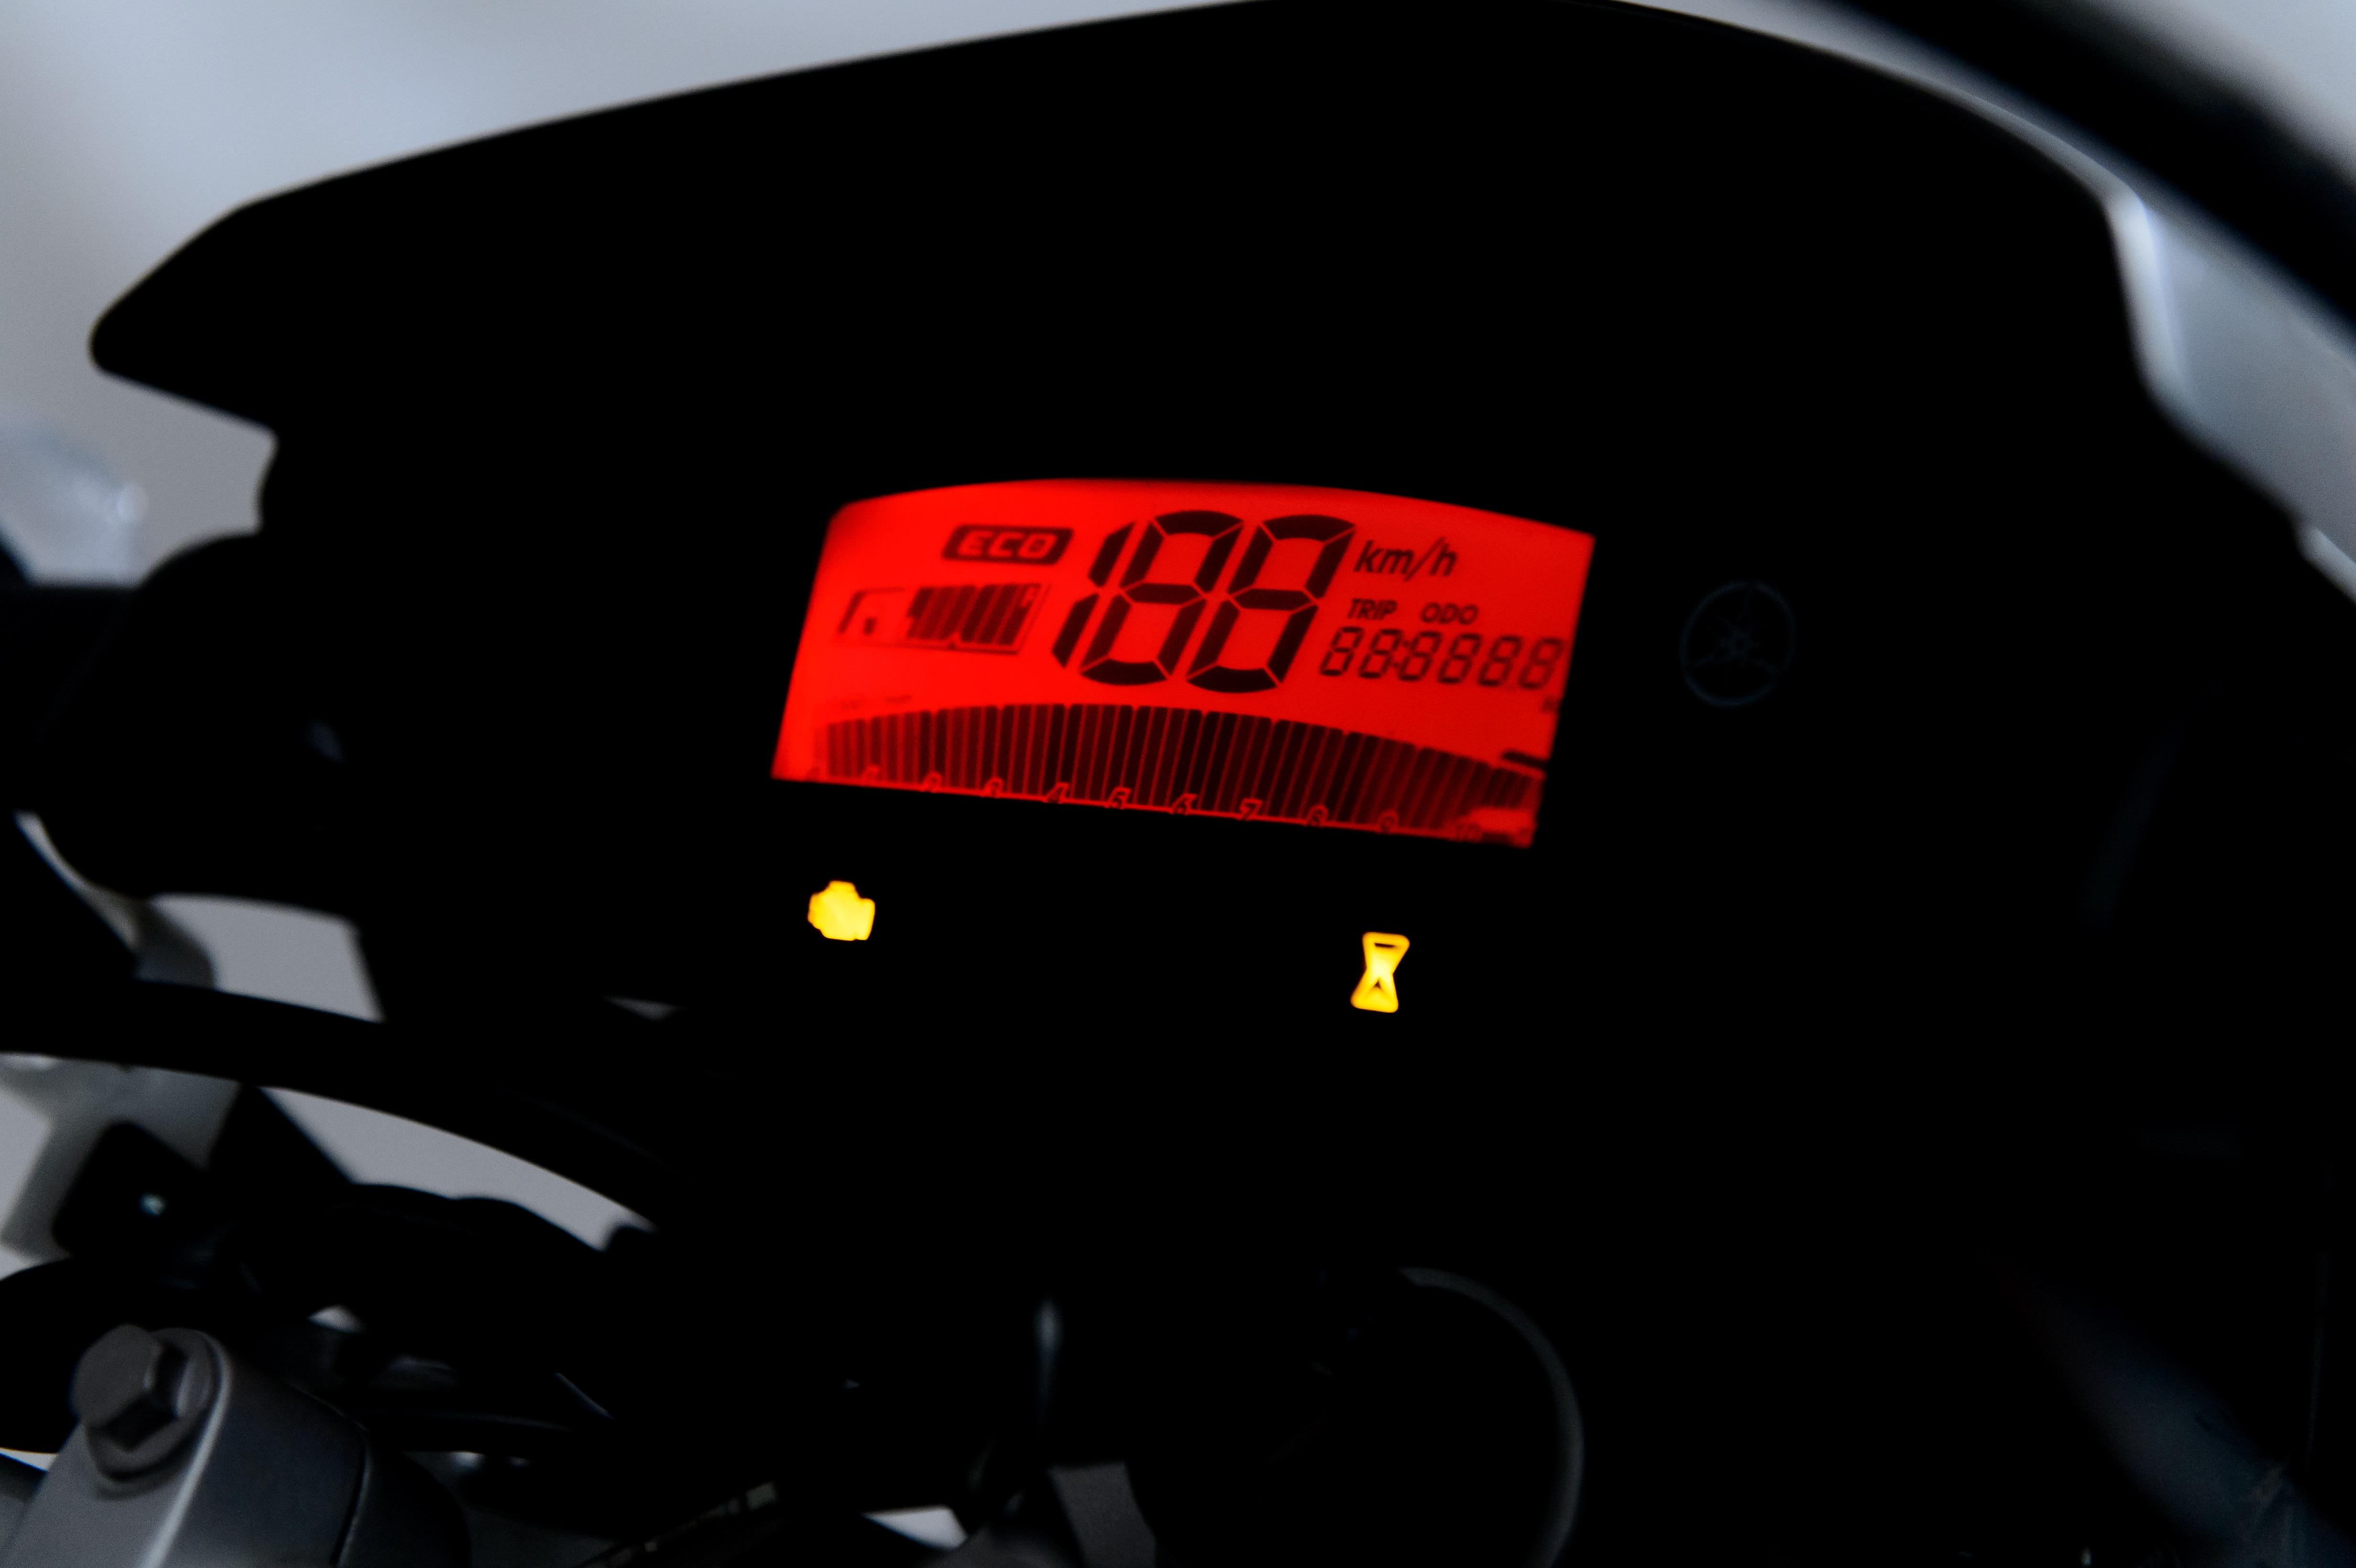 XTZ_250_Lander_Blueflex_2016on Kawasaki Ninja Zx 10r